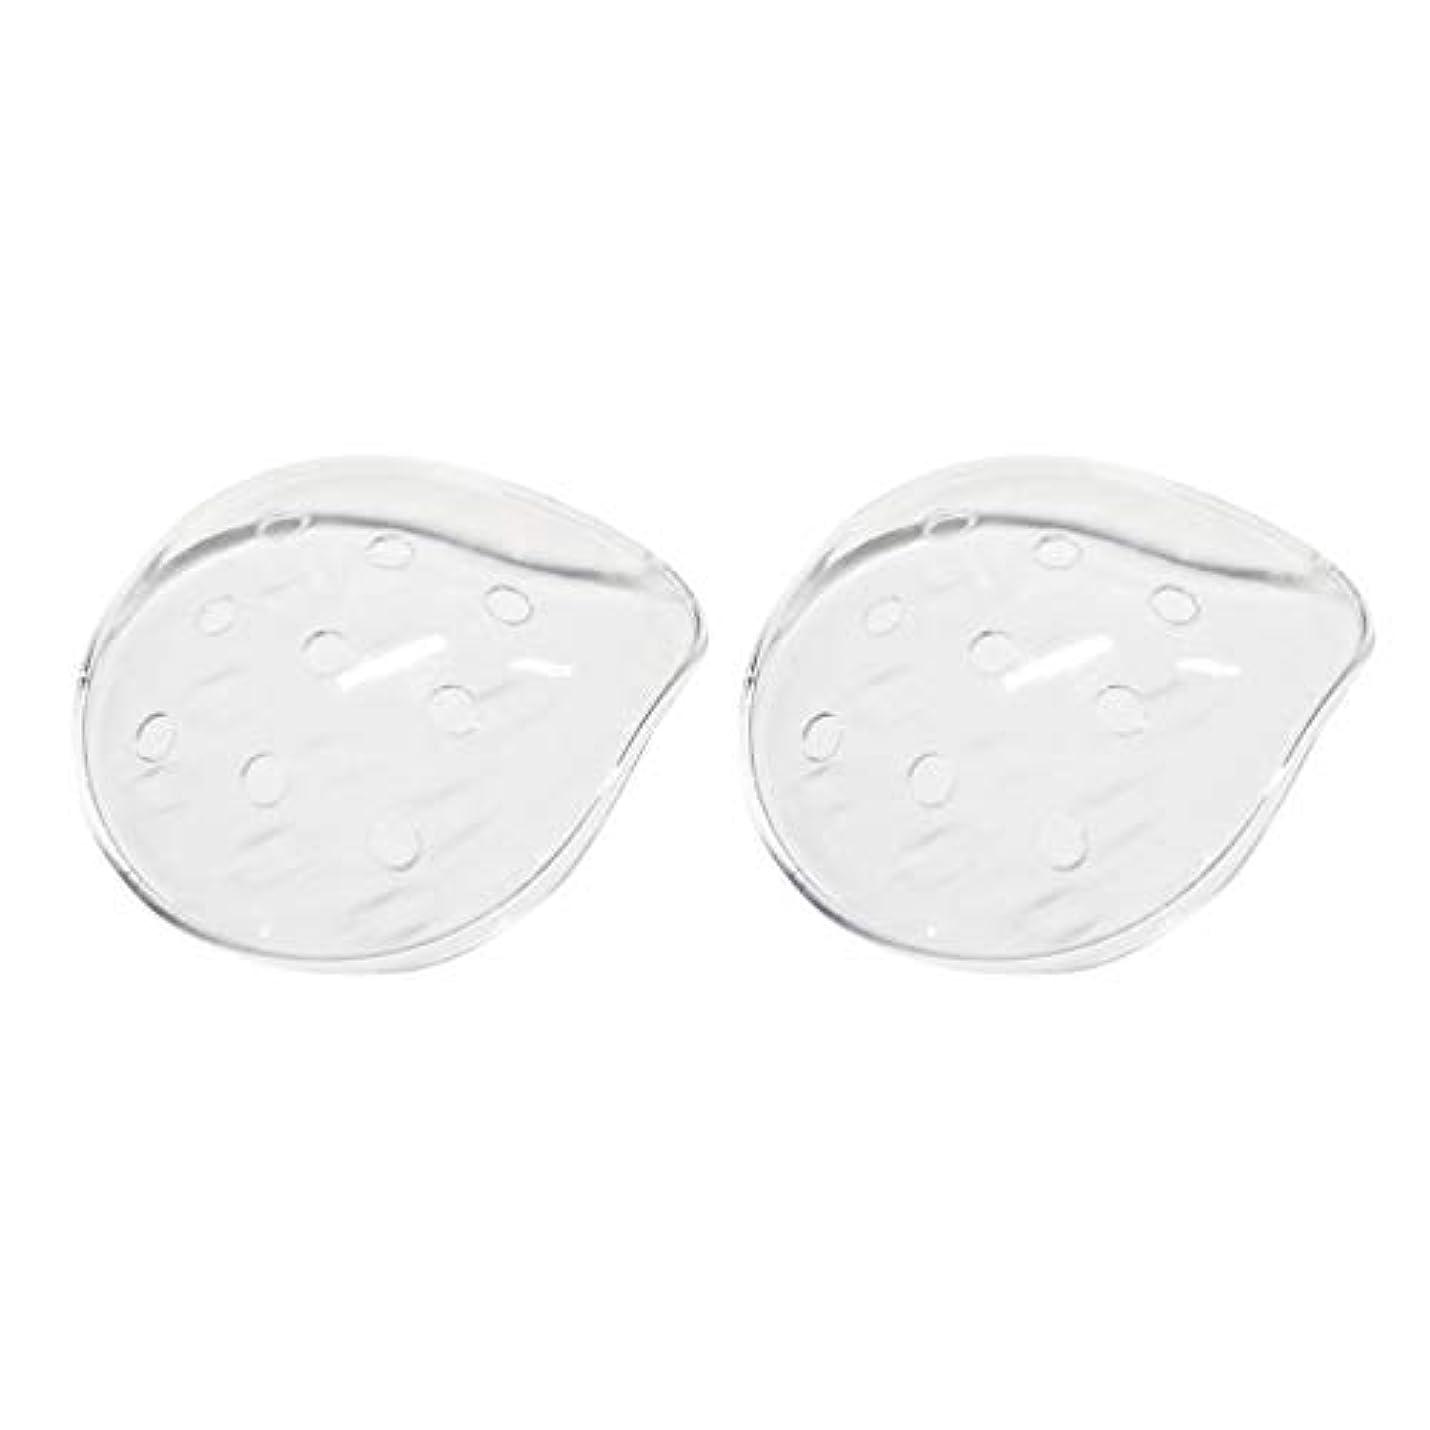 集団反発スリチンモイHealifty アイシールドカバー通気性のある透明な目保護シェード